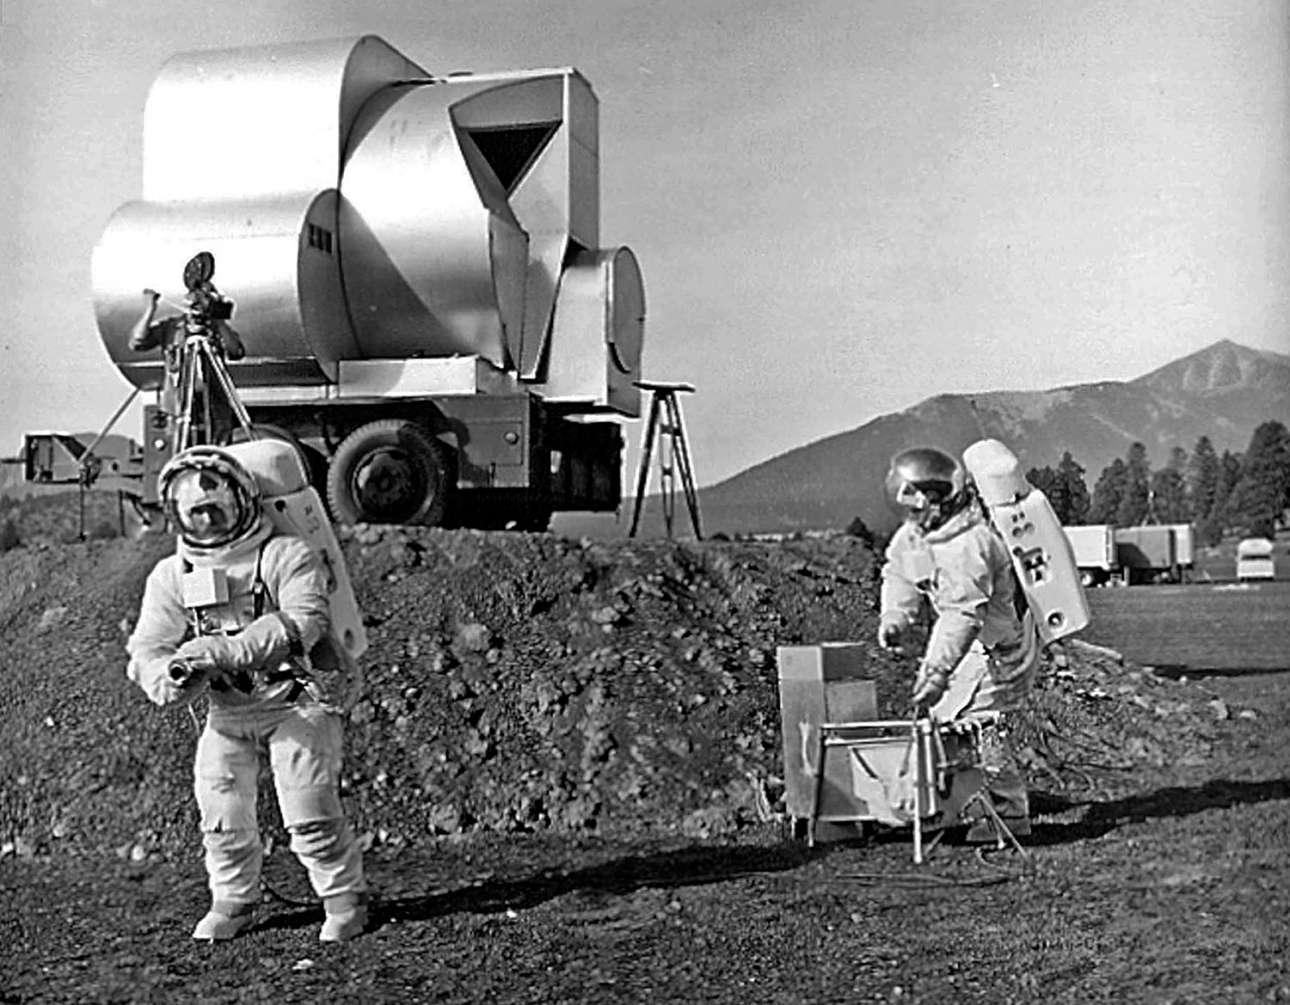 Οι αμερικανοί γεωλόγοι Τιμ Χάιτ και Ντέιβιντ Σλέιτσερ κάνουν εργασίες στην περιοχή Cinder Lake Crater Field φορώντας διαστημικές στολές και έχοντας πίσω τους ένα αντίγραφο σεληνακάτου